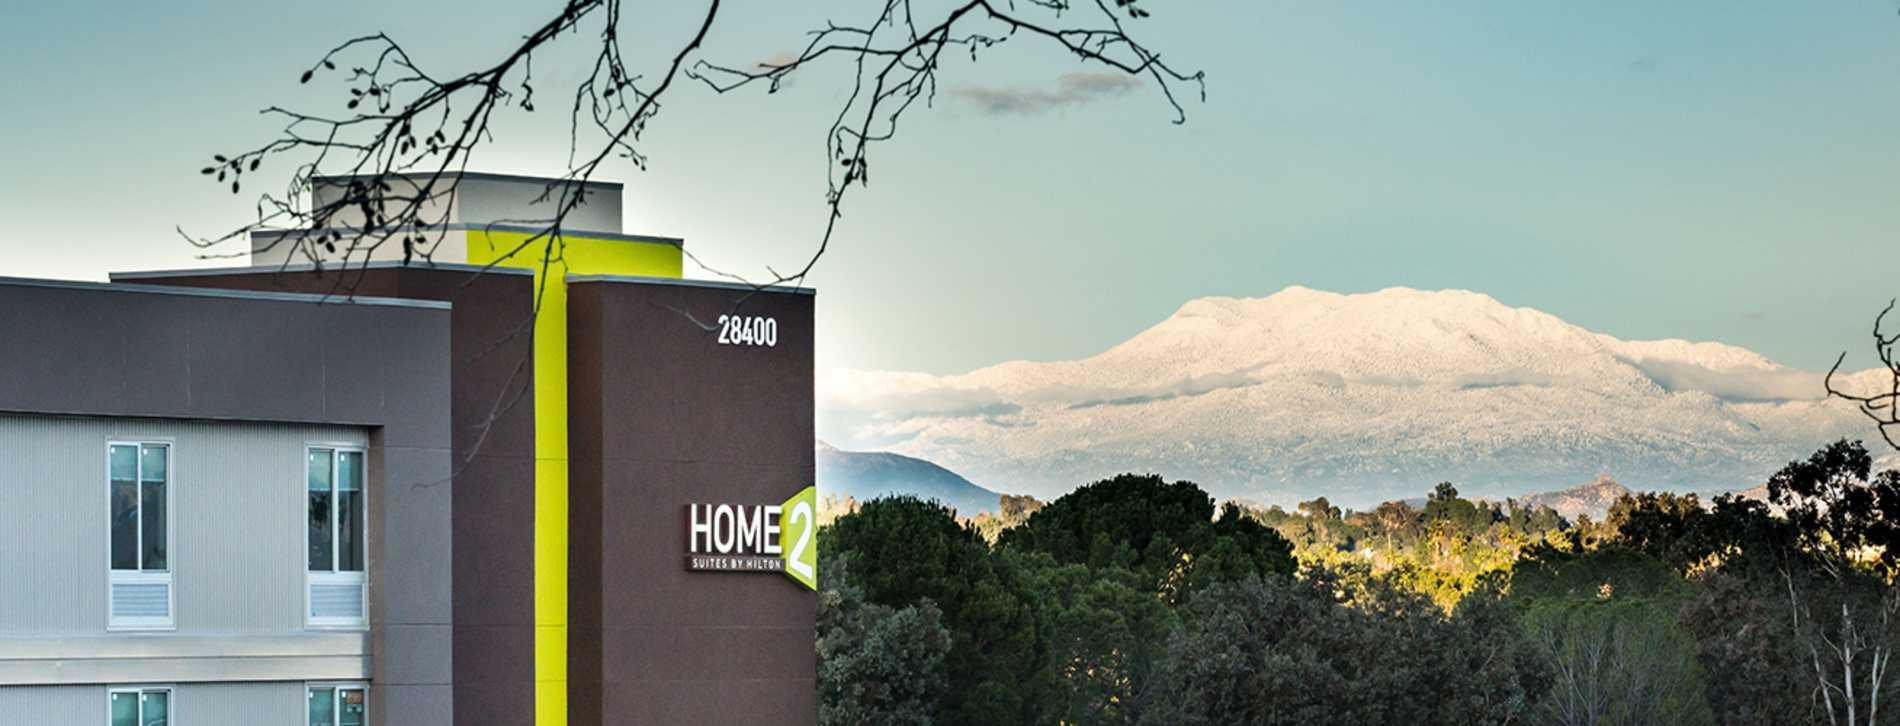 Home2Suites Building